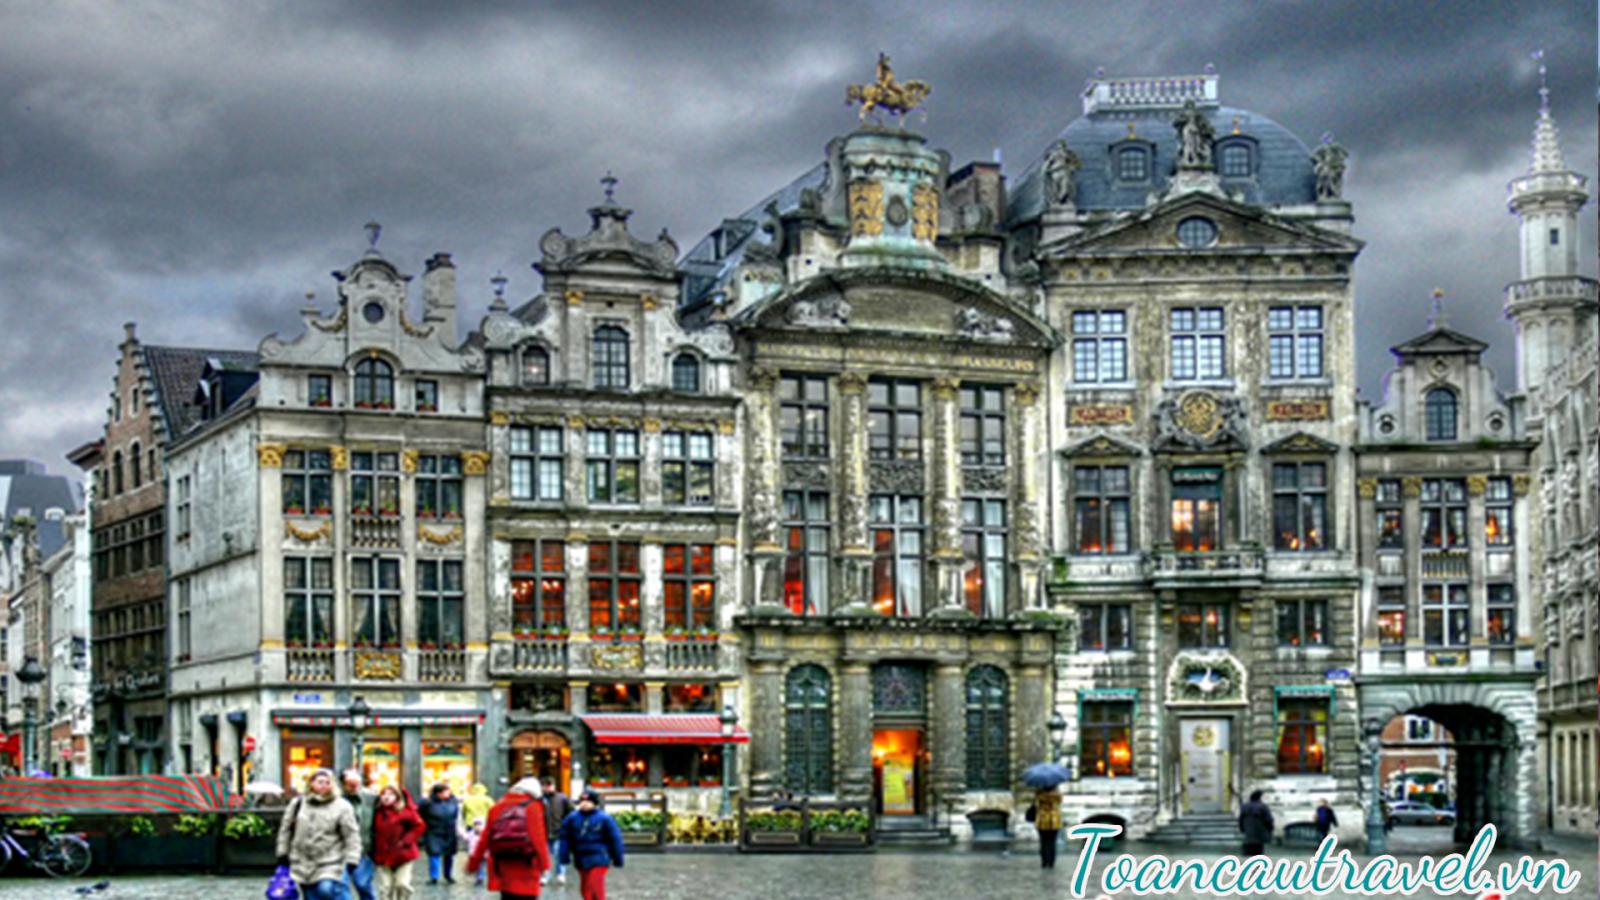 thành phố Brussel – Bỉ được biết đến như trung tâm hội nghị lớn nhất thế giới với nhiều cơ quan của liên minh Châu Âu và Nato cùng nhiều tổ chức khác đều được đặt tại đây từ sau thế chiến thứ hai kết thúc.